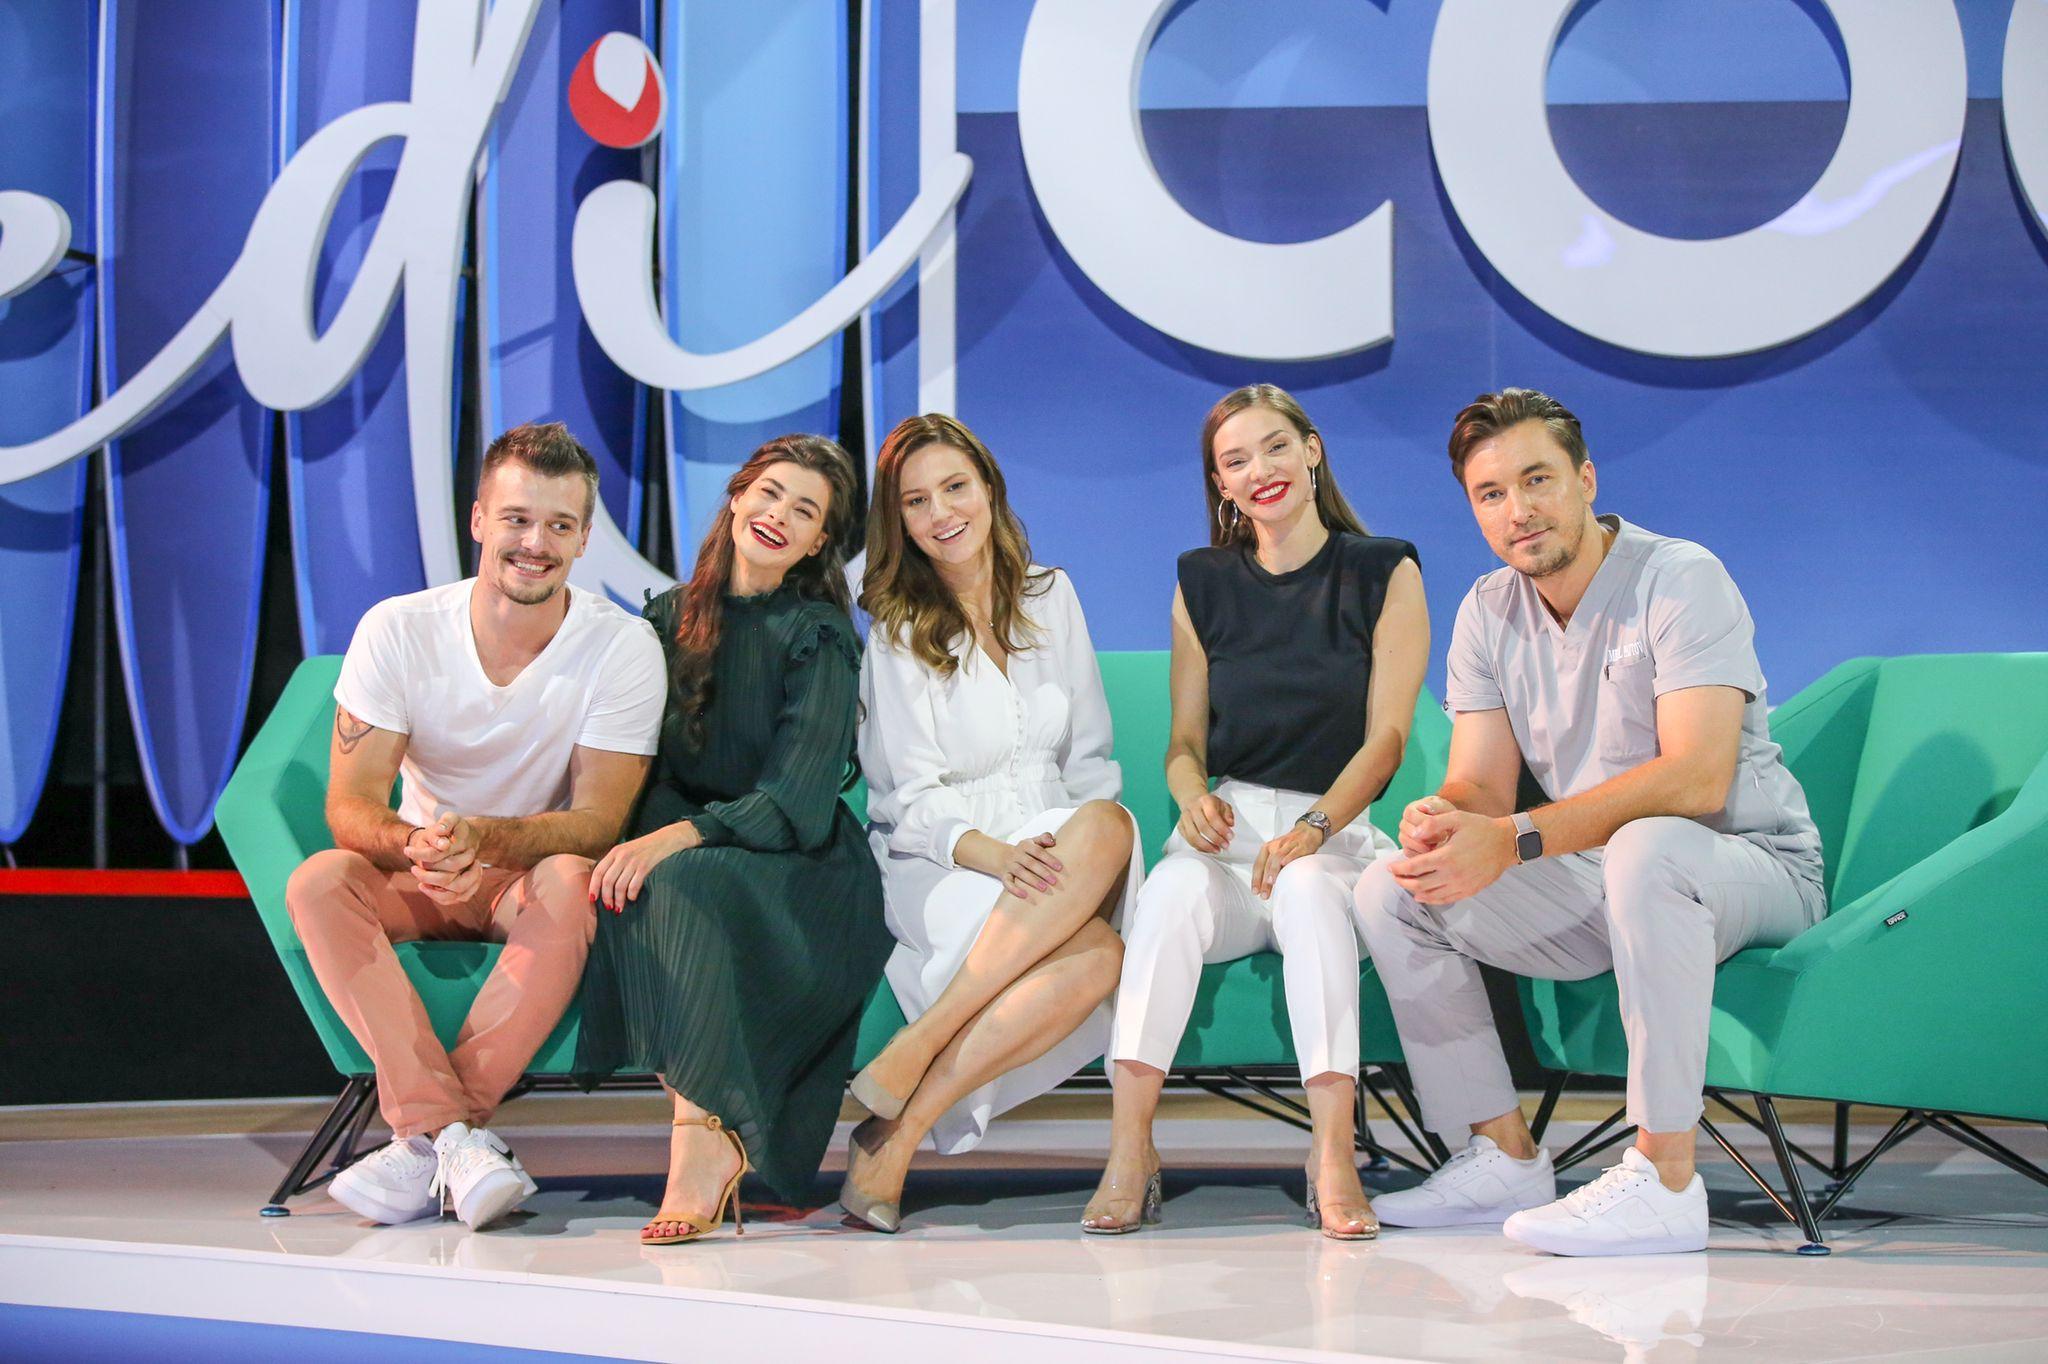 Doctor Mihail prezintă o nouă emisiune medicală la Antena 1. Când poți vedea MediCOOL, primul show care face sănătatea cool